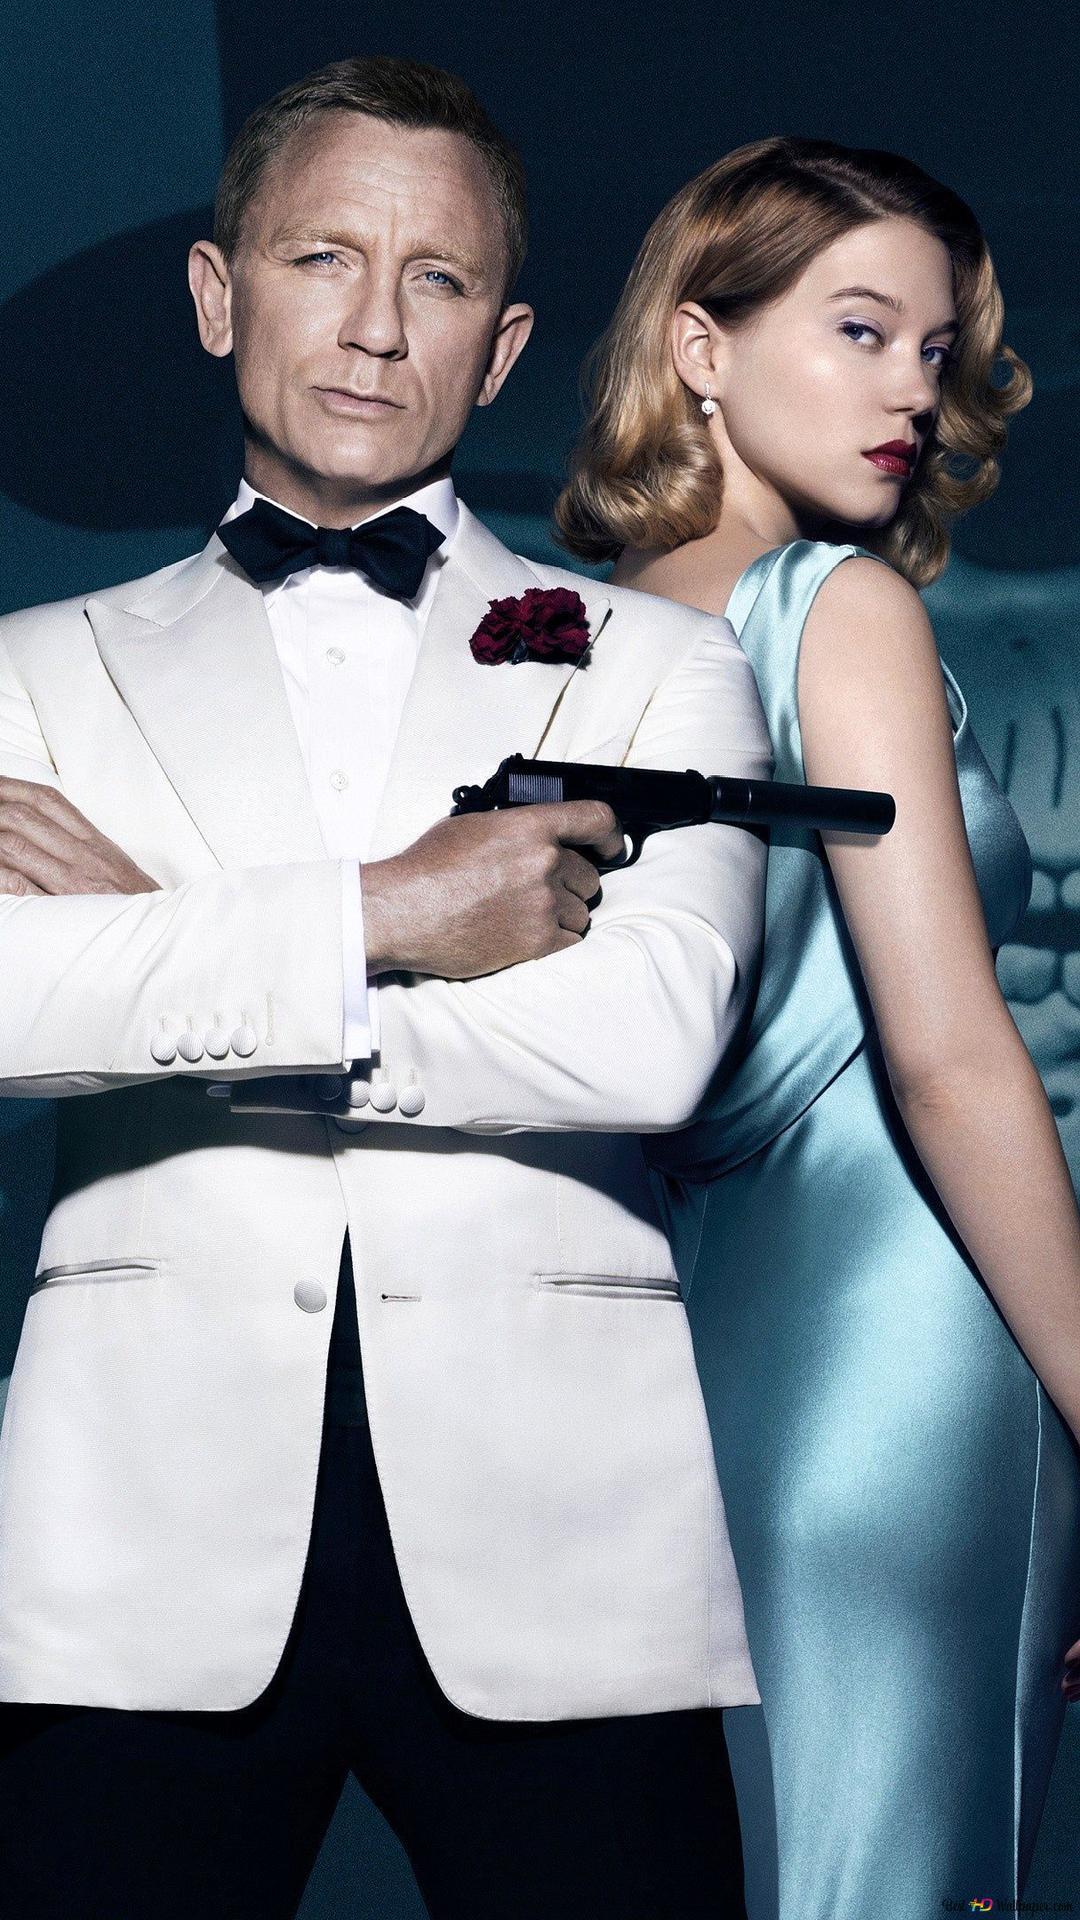 007 頭蓋骨と女 Hd壁紙のダウンロード